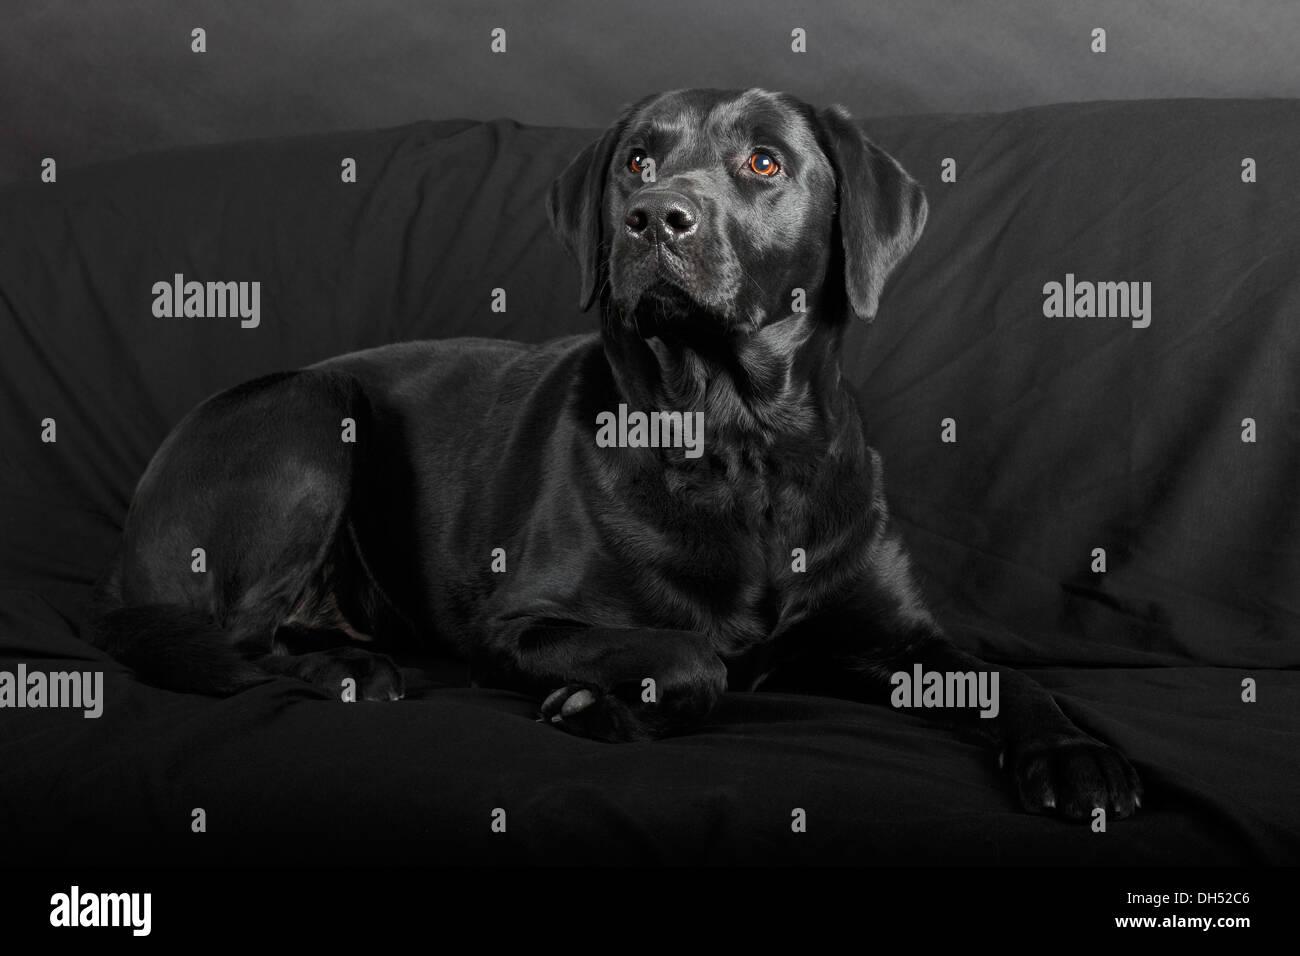 Labrador noir, homme, allongé sur un canapé noir, Allemagne Photo Stock